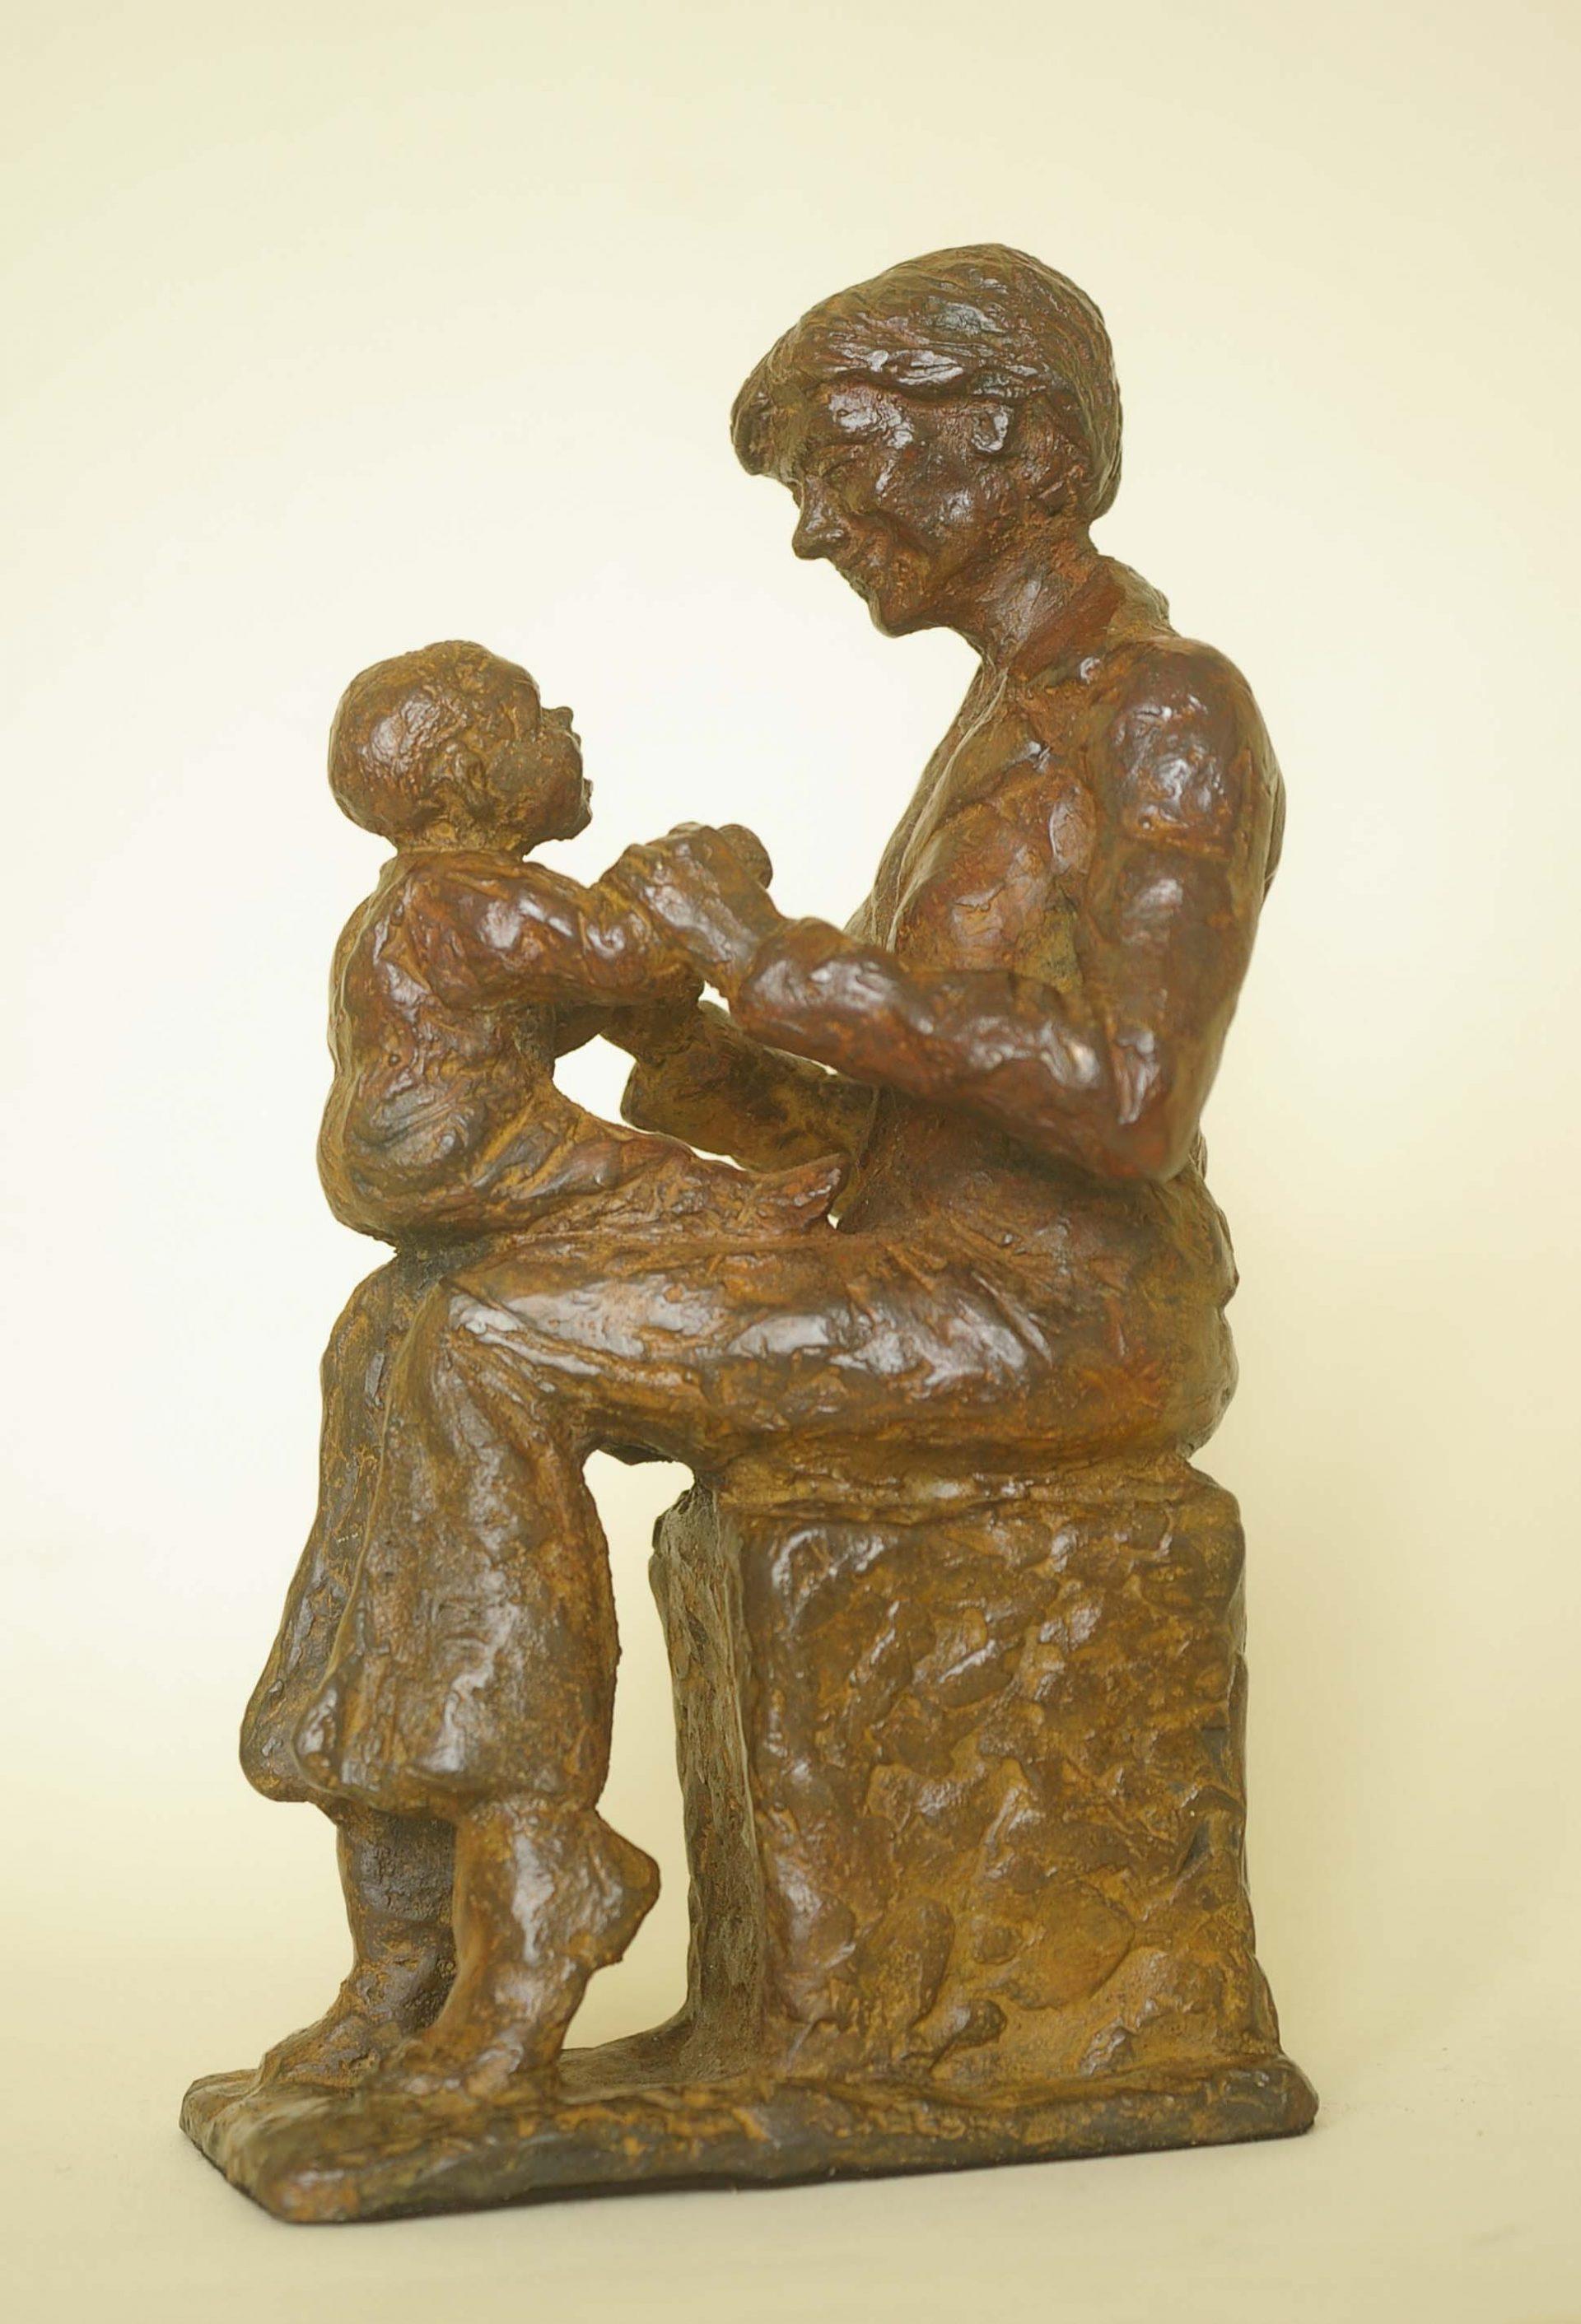 Bronzen beeld van Moeder met kind op schoot. Spelletje met kind, realisme